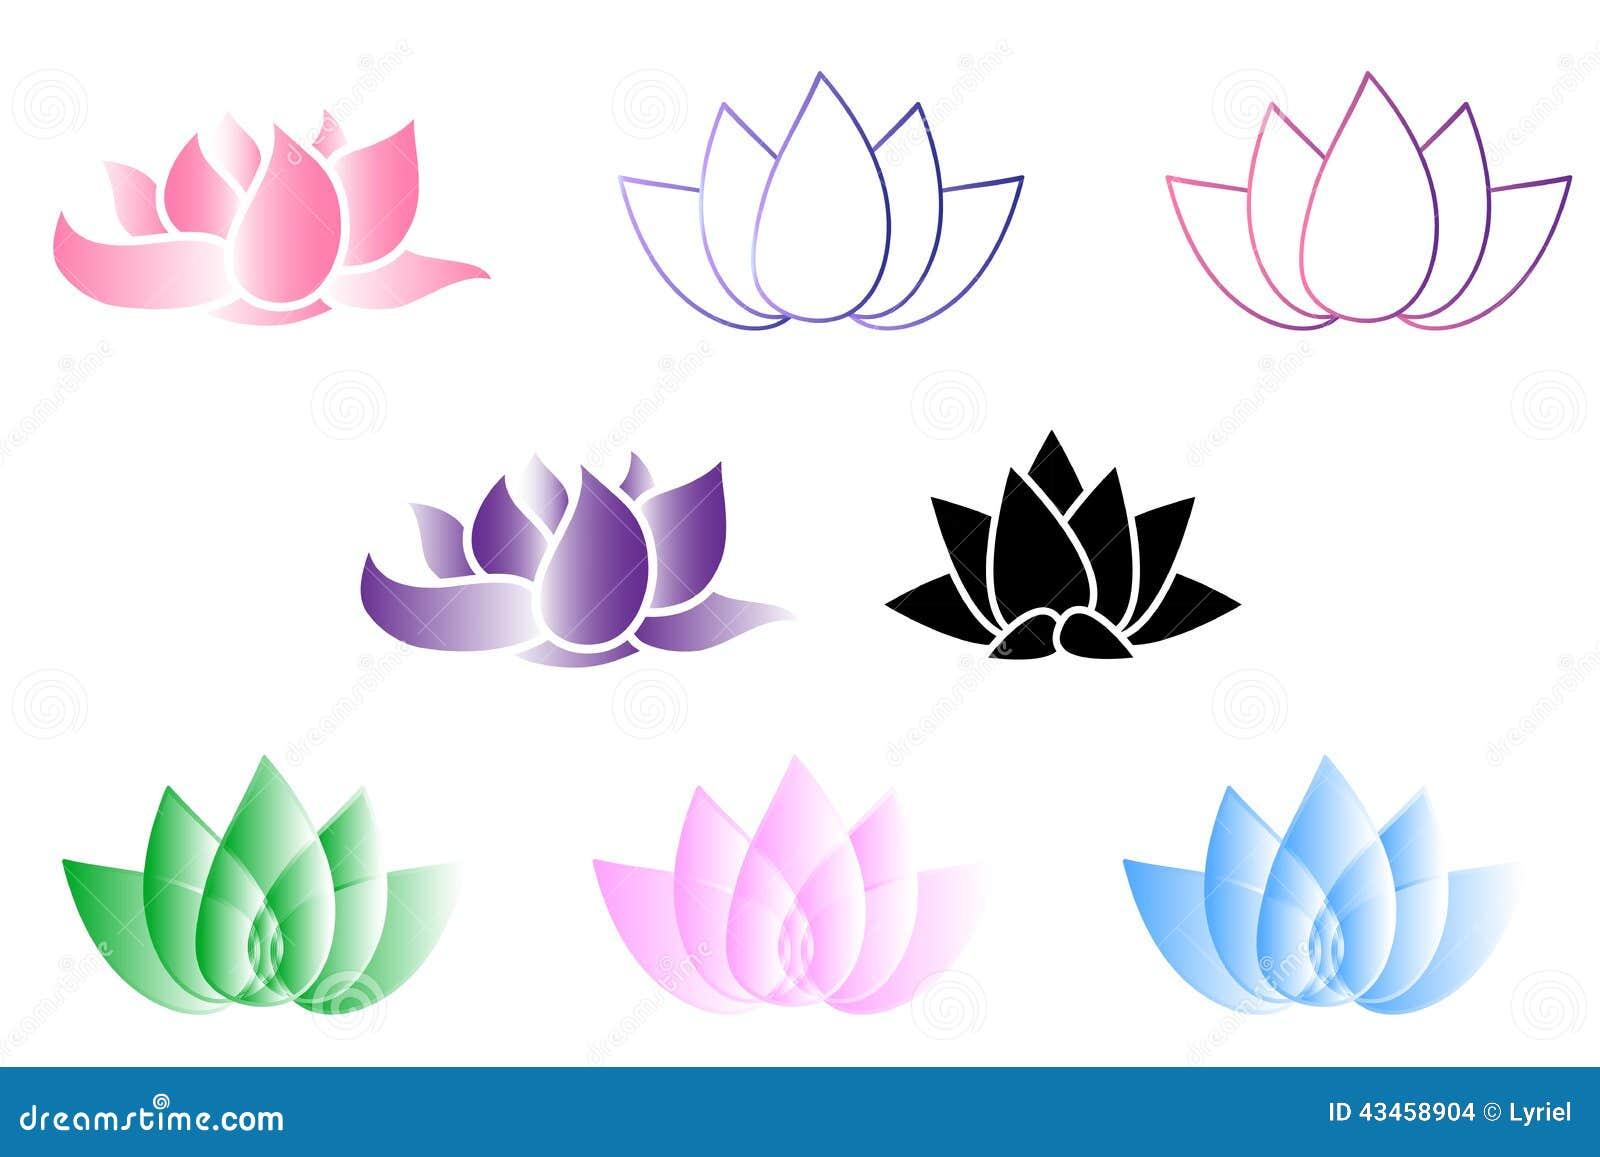 Lotus Flower Logo Vektor Illustrationer Illustration Av